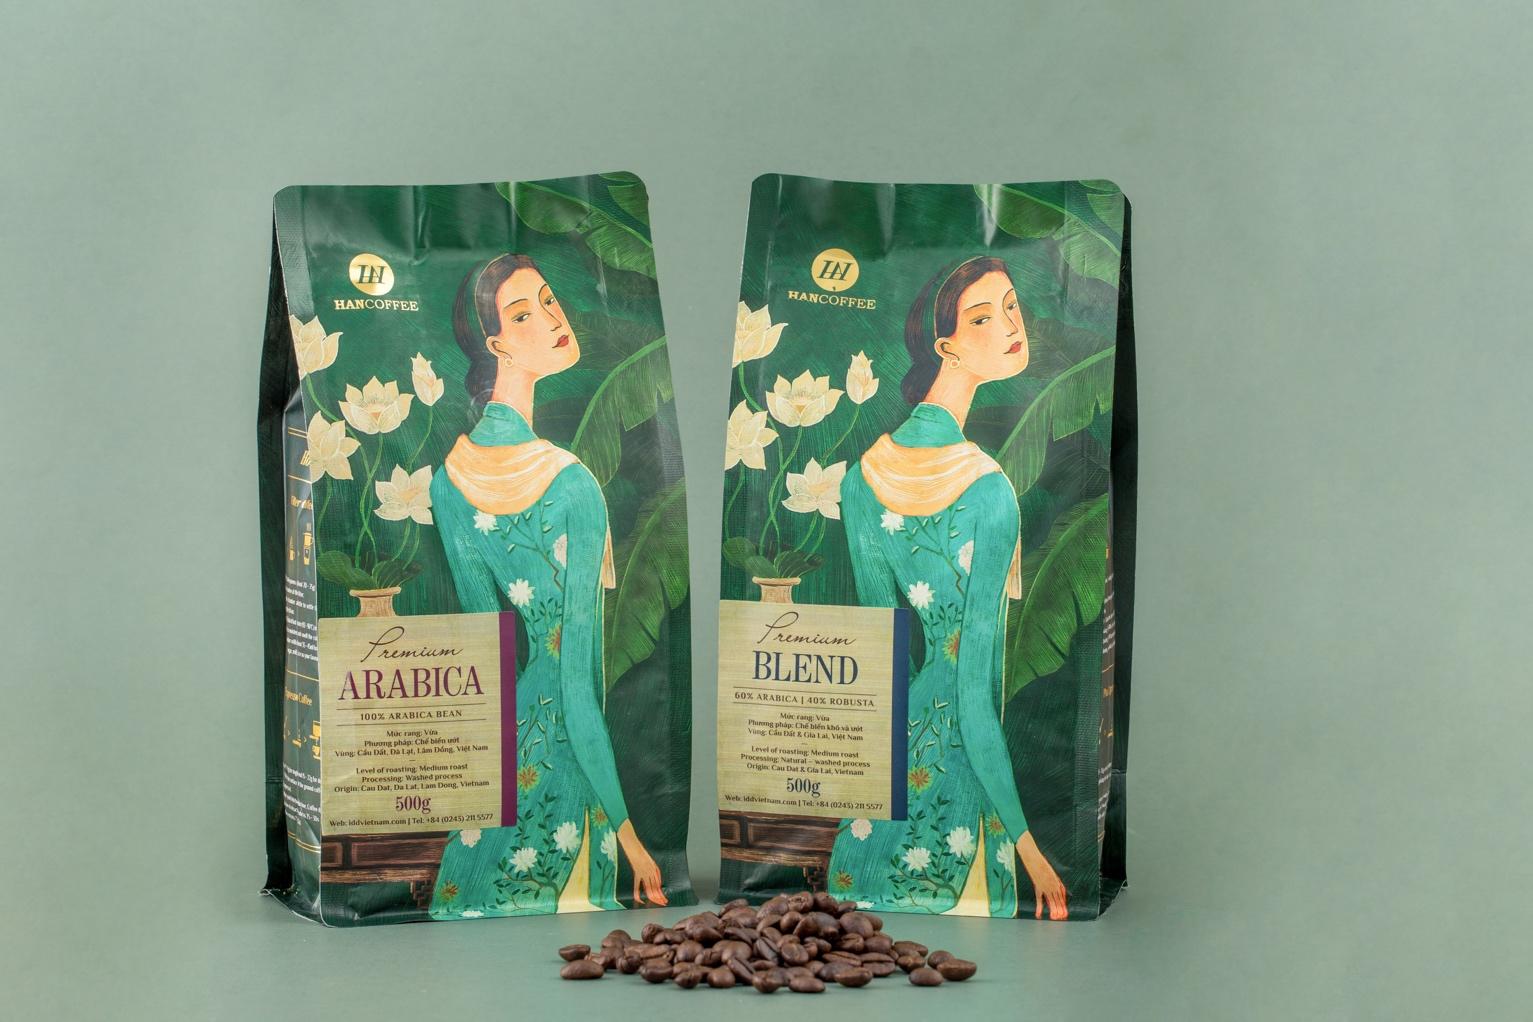 """cà phê việt - img20181224161948780 - Có gì bên trong những chiếc bao bì """"đẹp như tranh"""" vừa mới ra mắt thị trường cà phê Việt?"""